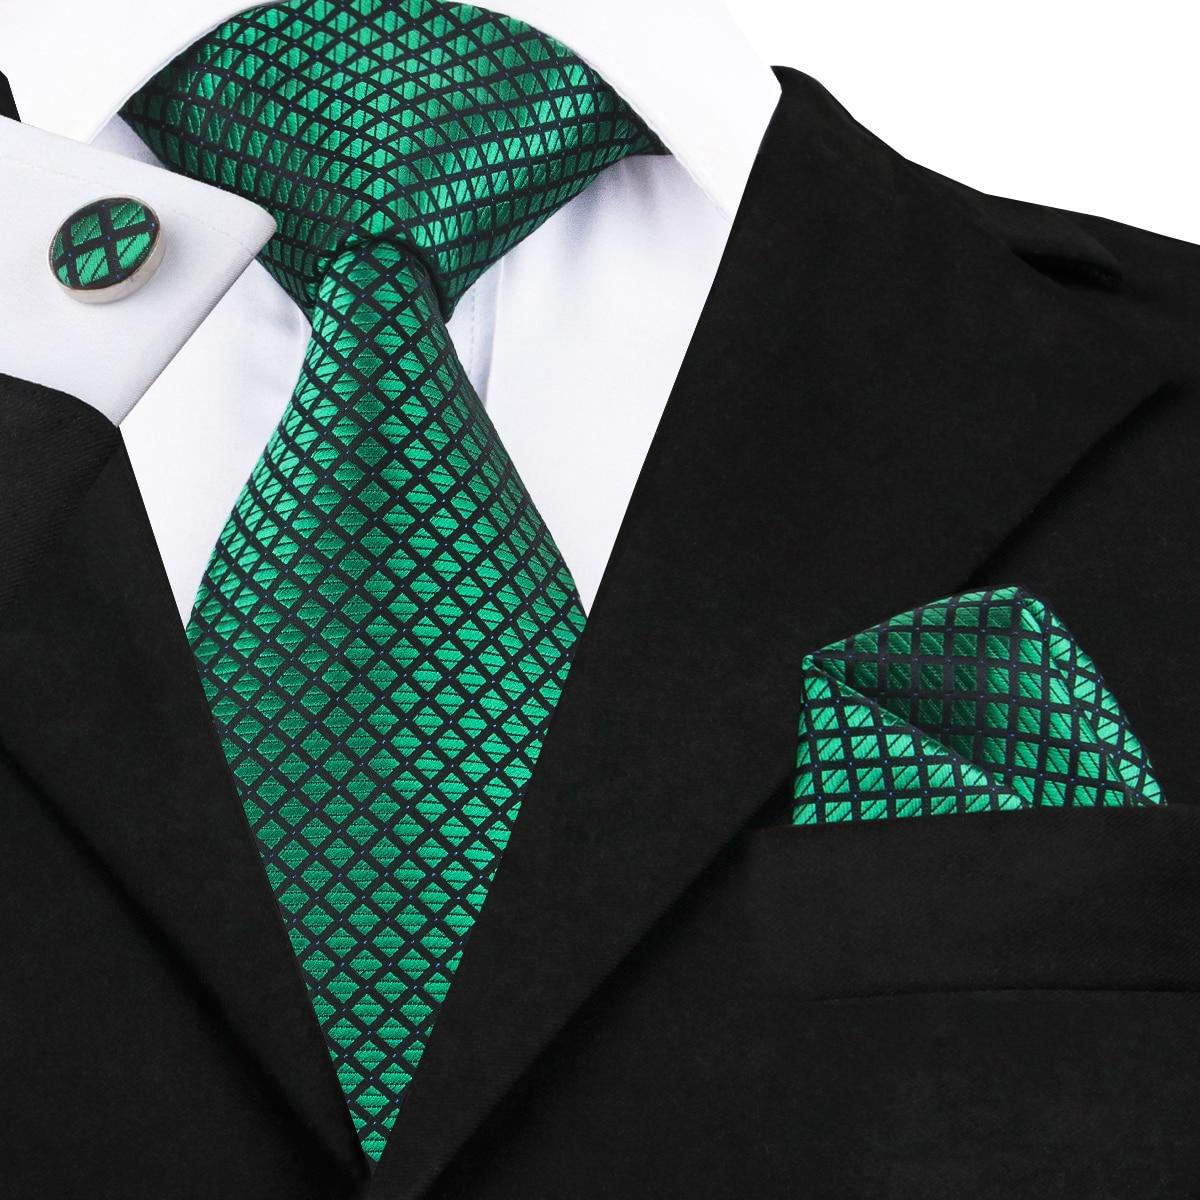 SN-1608 Hallo-Krawatte Neue Plaid Grün Krawatte Hanky Manschettenknöpfe Set Mode Herren Hohe Qualität Seide Jacquard Gravatas Herren Corbatas